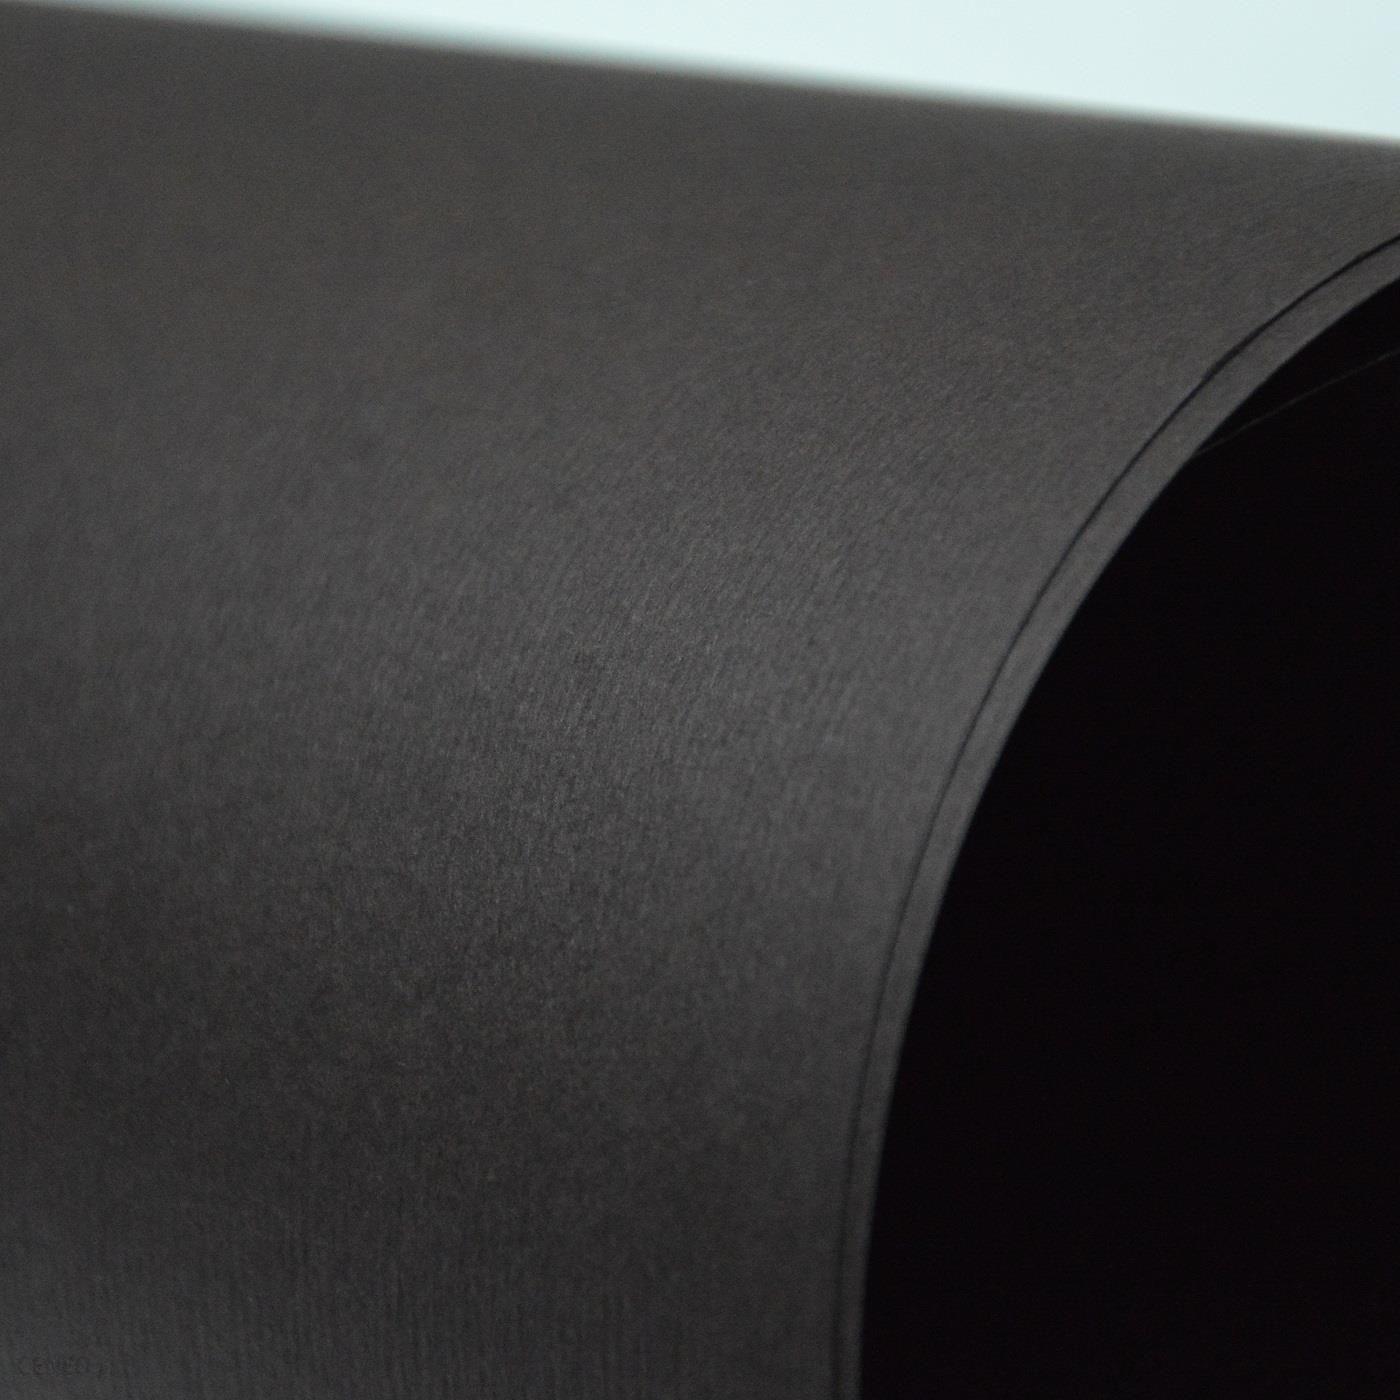 Gamma Papier Murillo T.Di Moro 190G 70X100